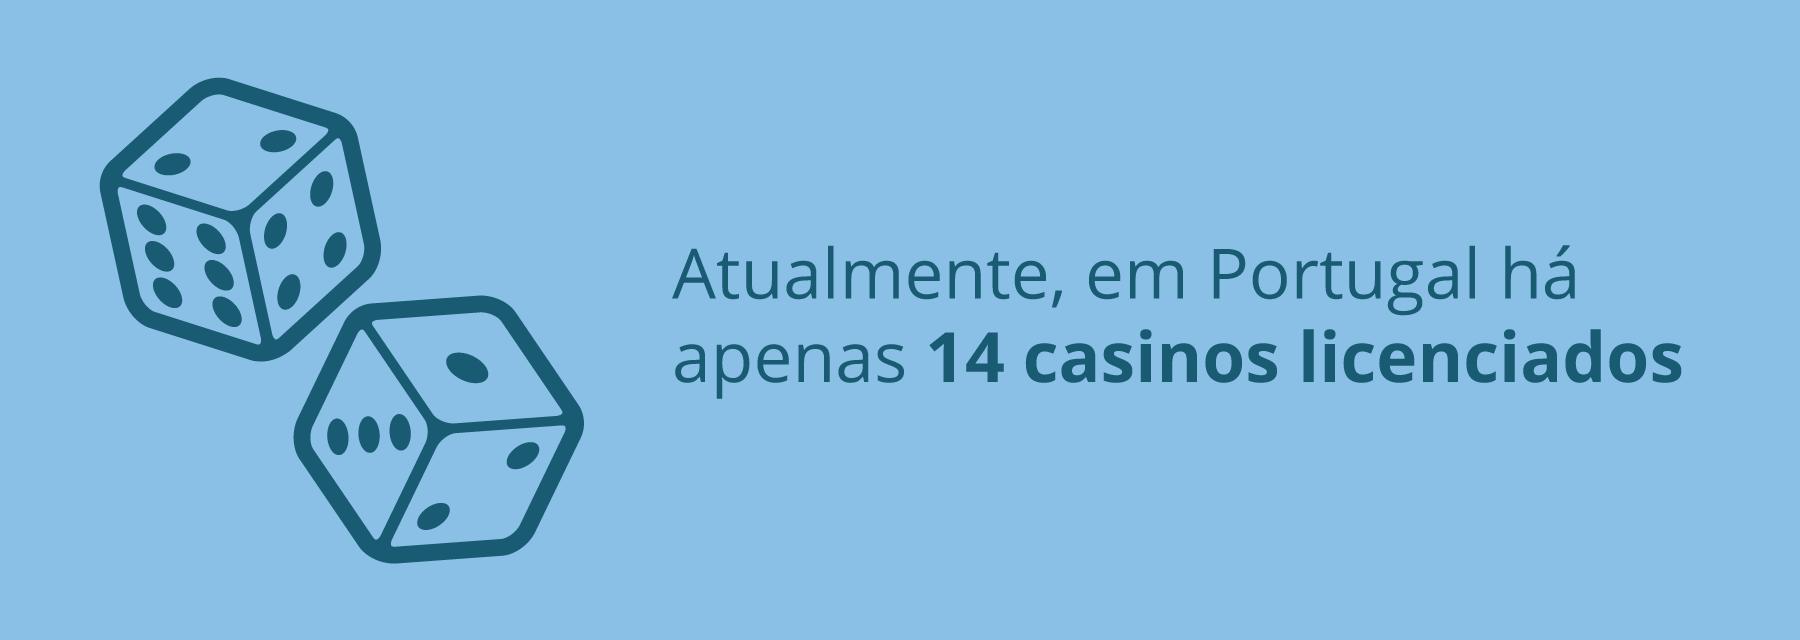 Quantos casinos licenciados em Portugal?